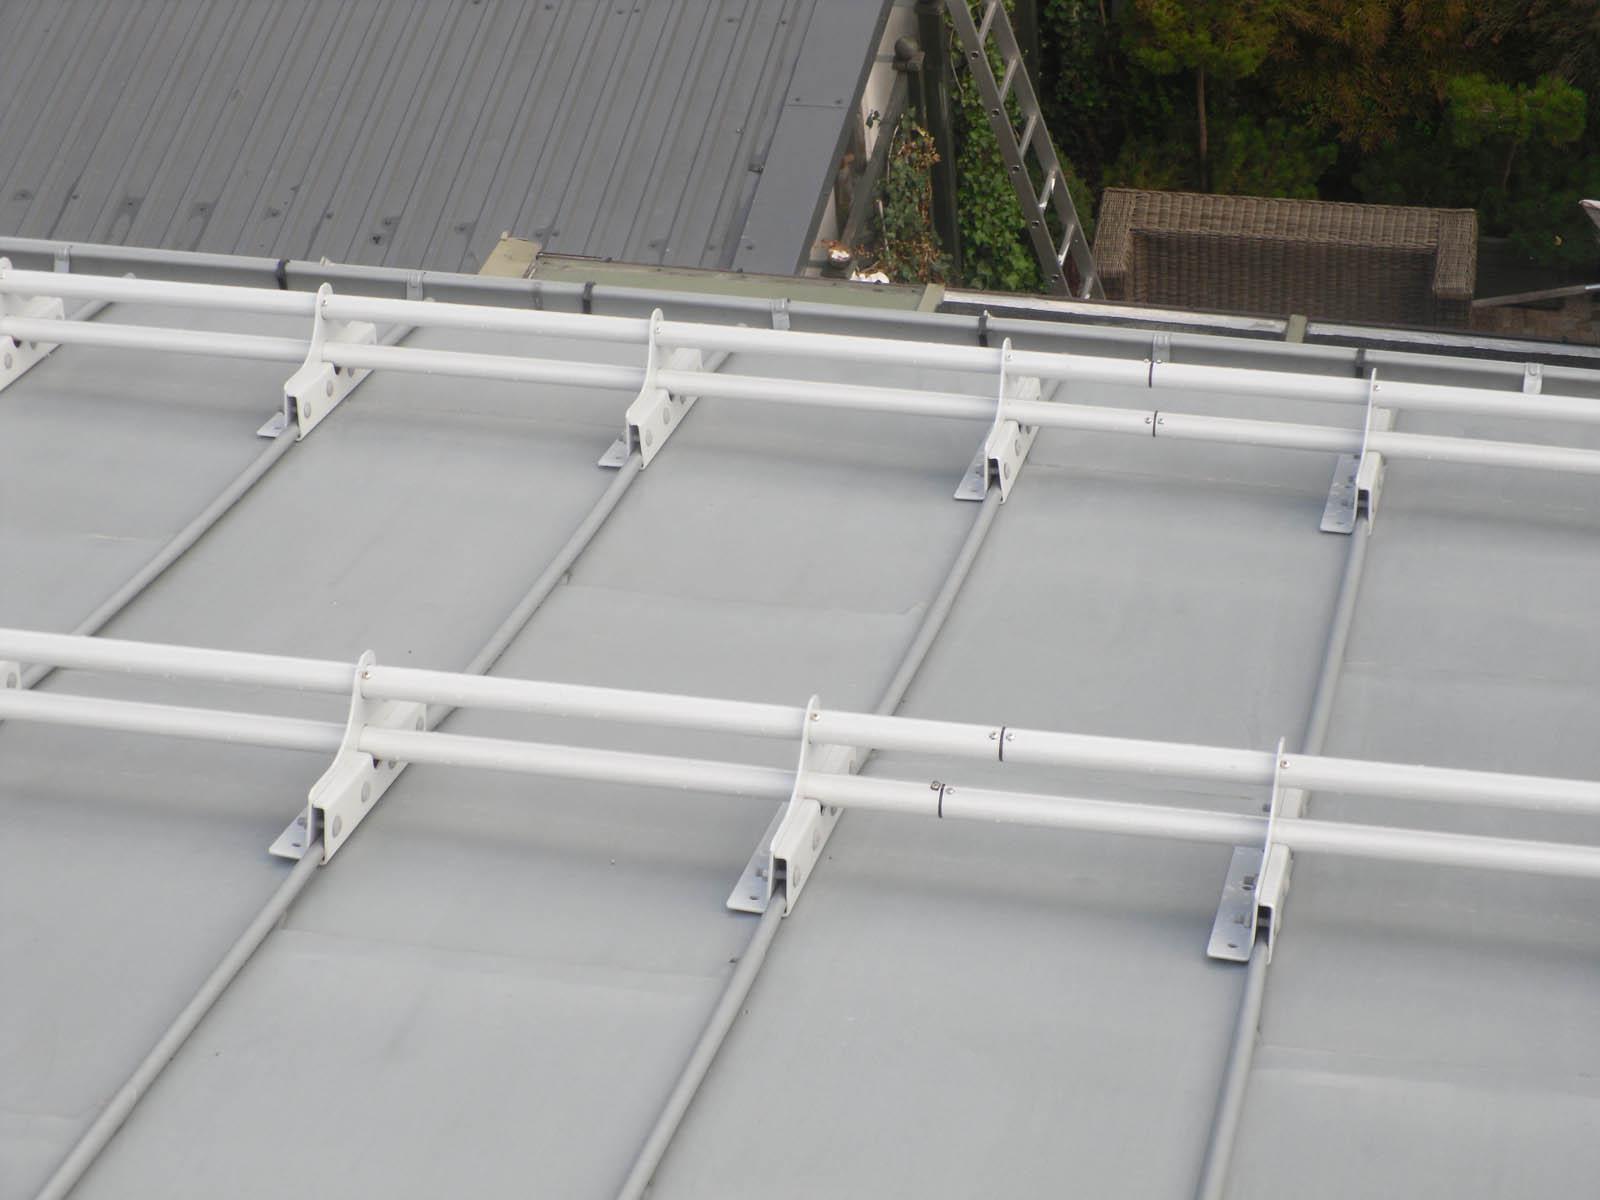 Zestaw przeciwśniegowy do blach panelowych na rąbek montuje się w celu ochrony przed osuwającym się śniegiem. Najwyższej jakości płotki przeciwśniegowe ze stali.